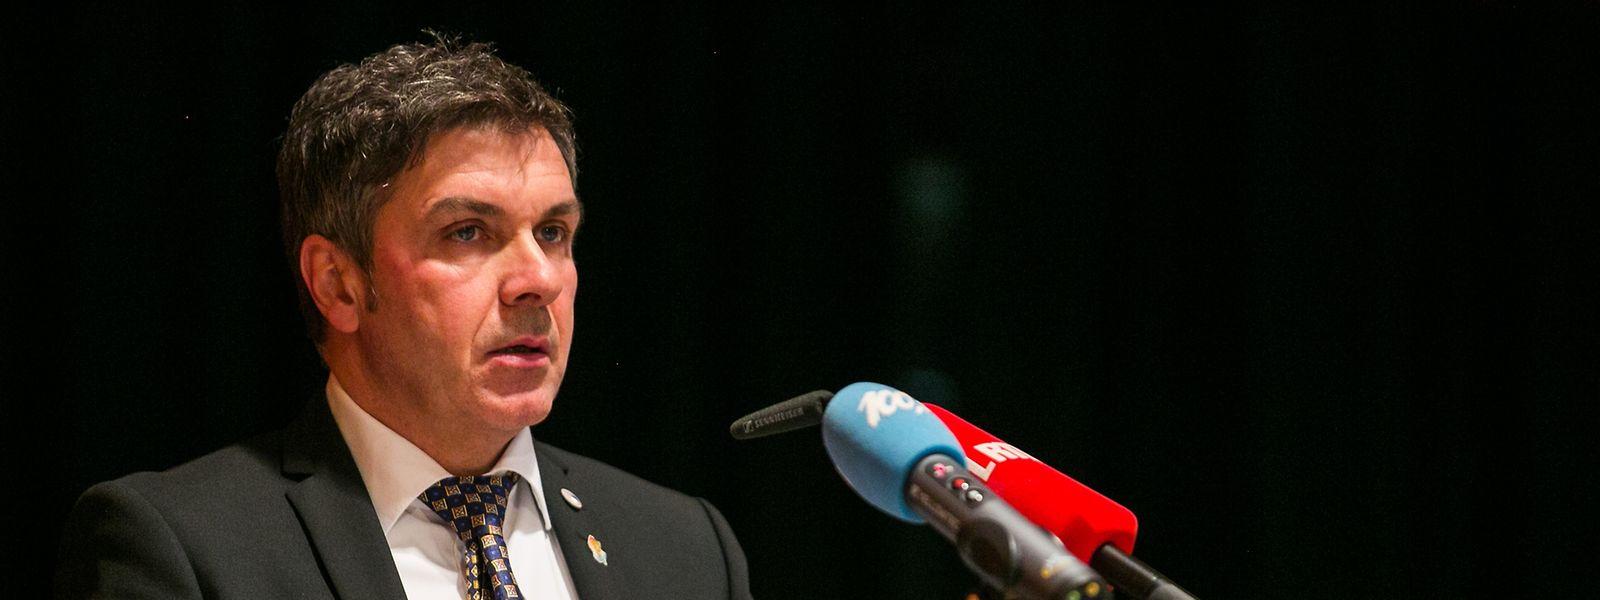 """""""Der Minister hat nun eingesehen, dass er von seiner Generaldirektion schlecht beraten wurde"""", unterstrich Pascal Ricquier."""